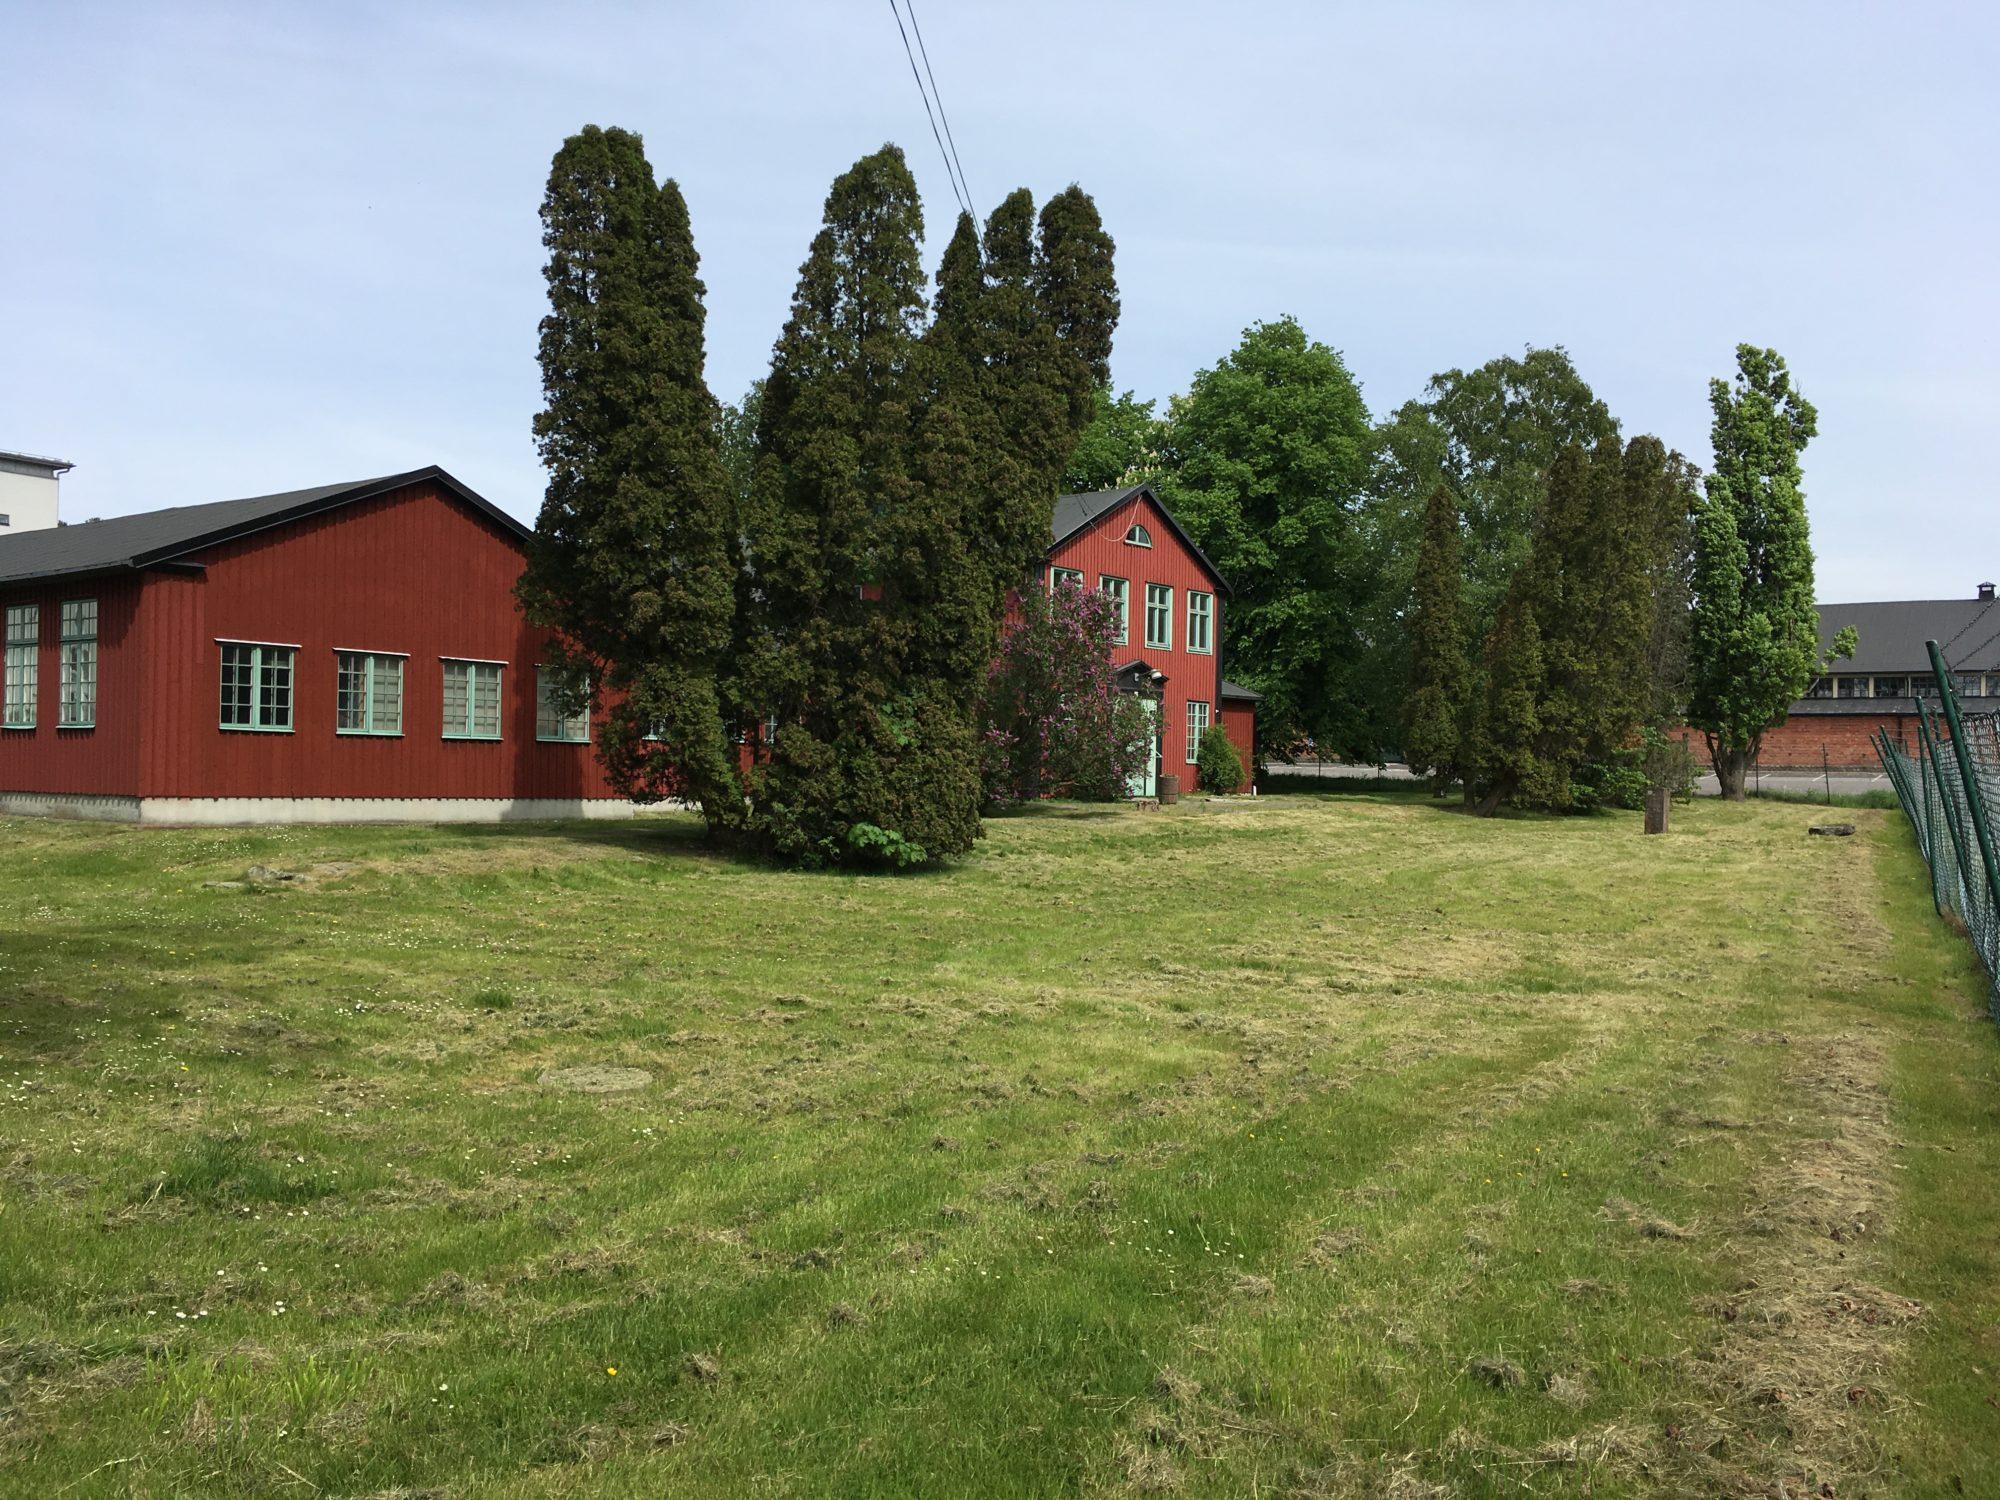 Kommersiell odlingsyta vid Kviberg